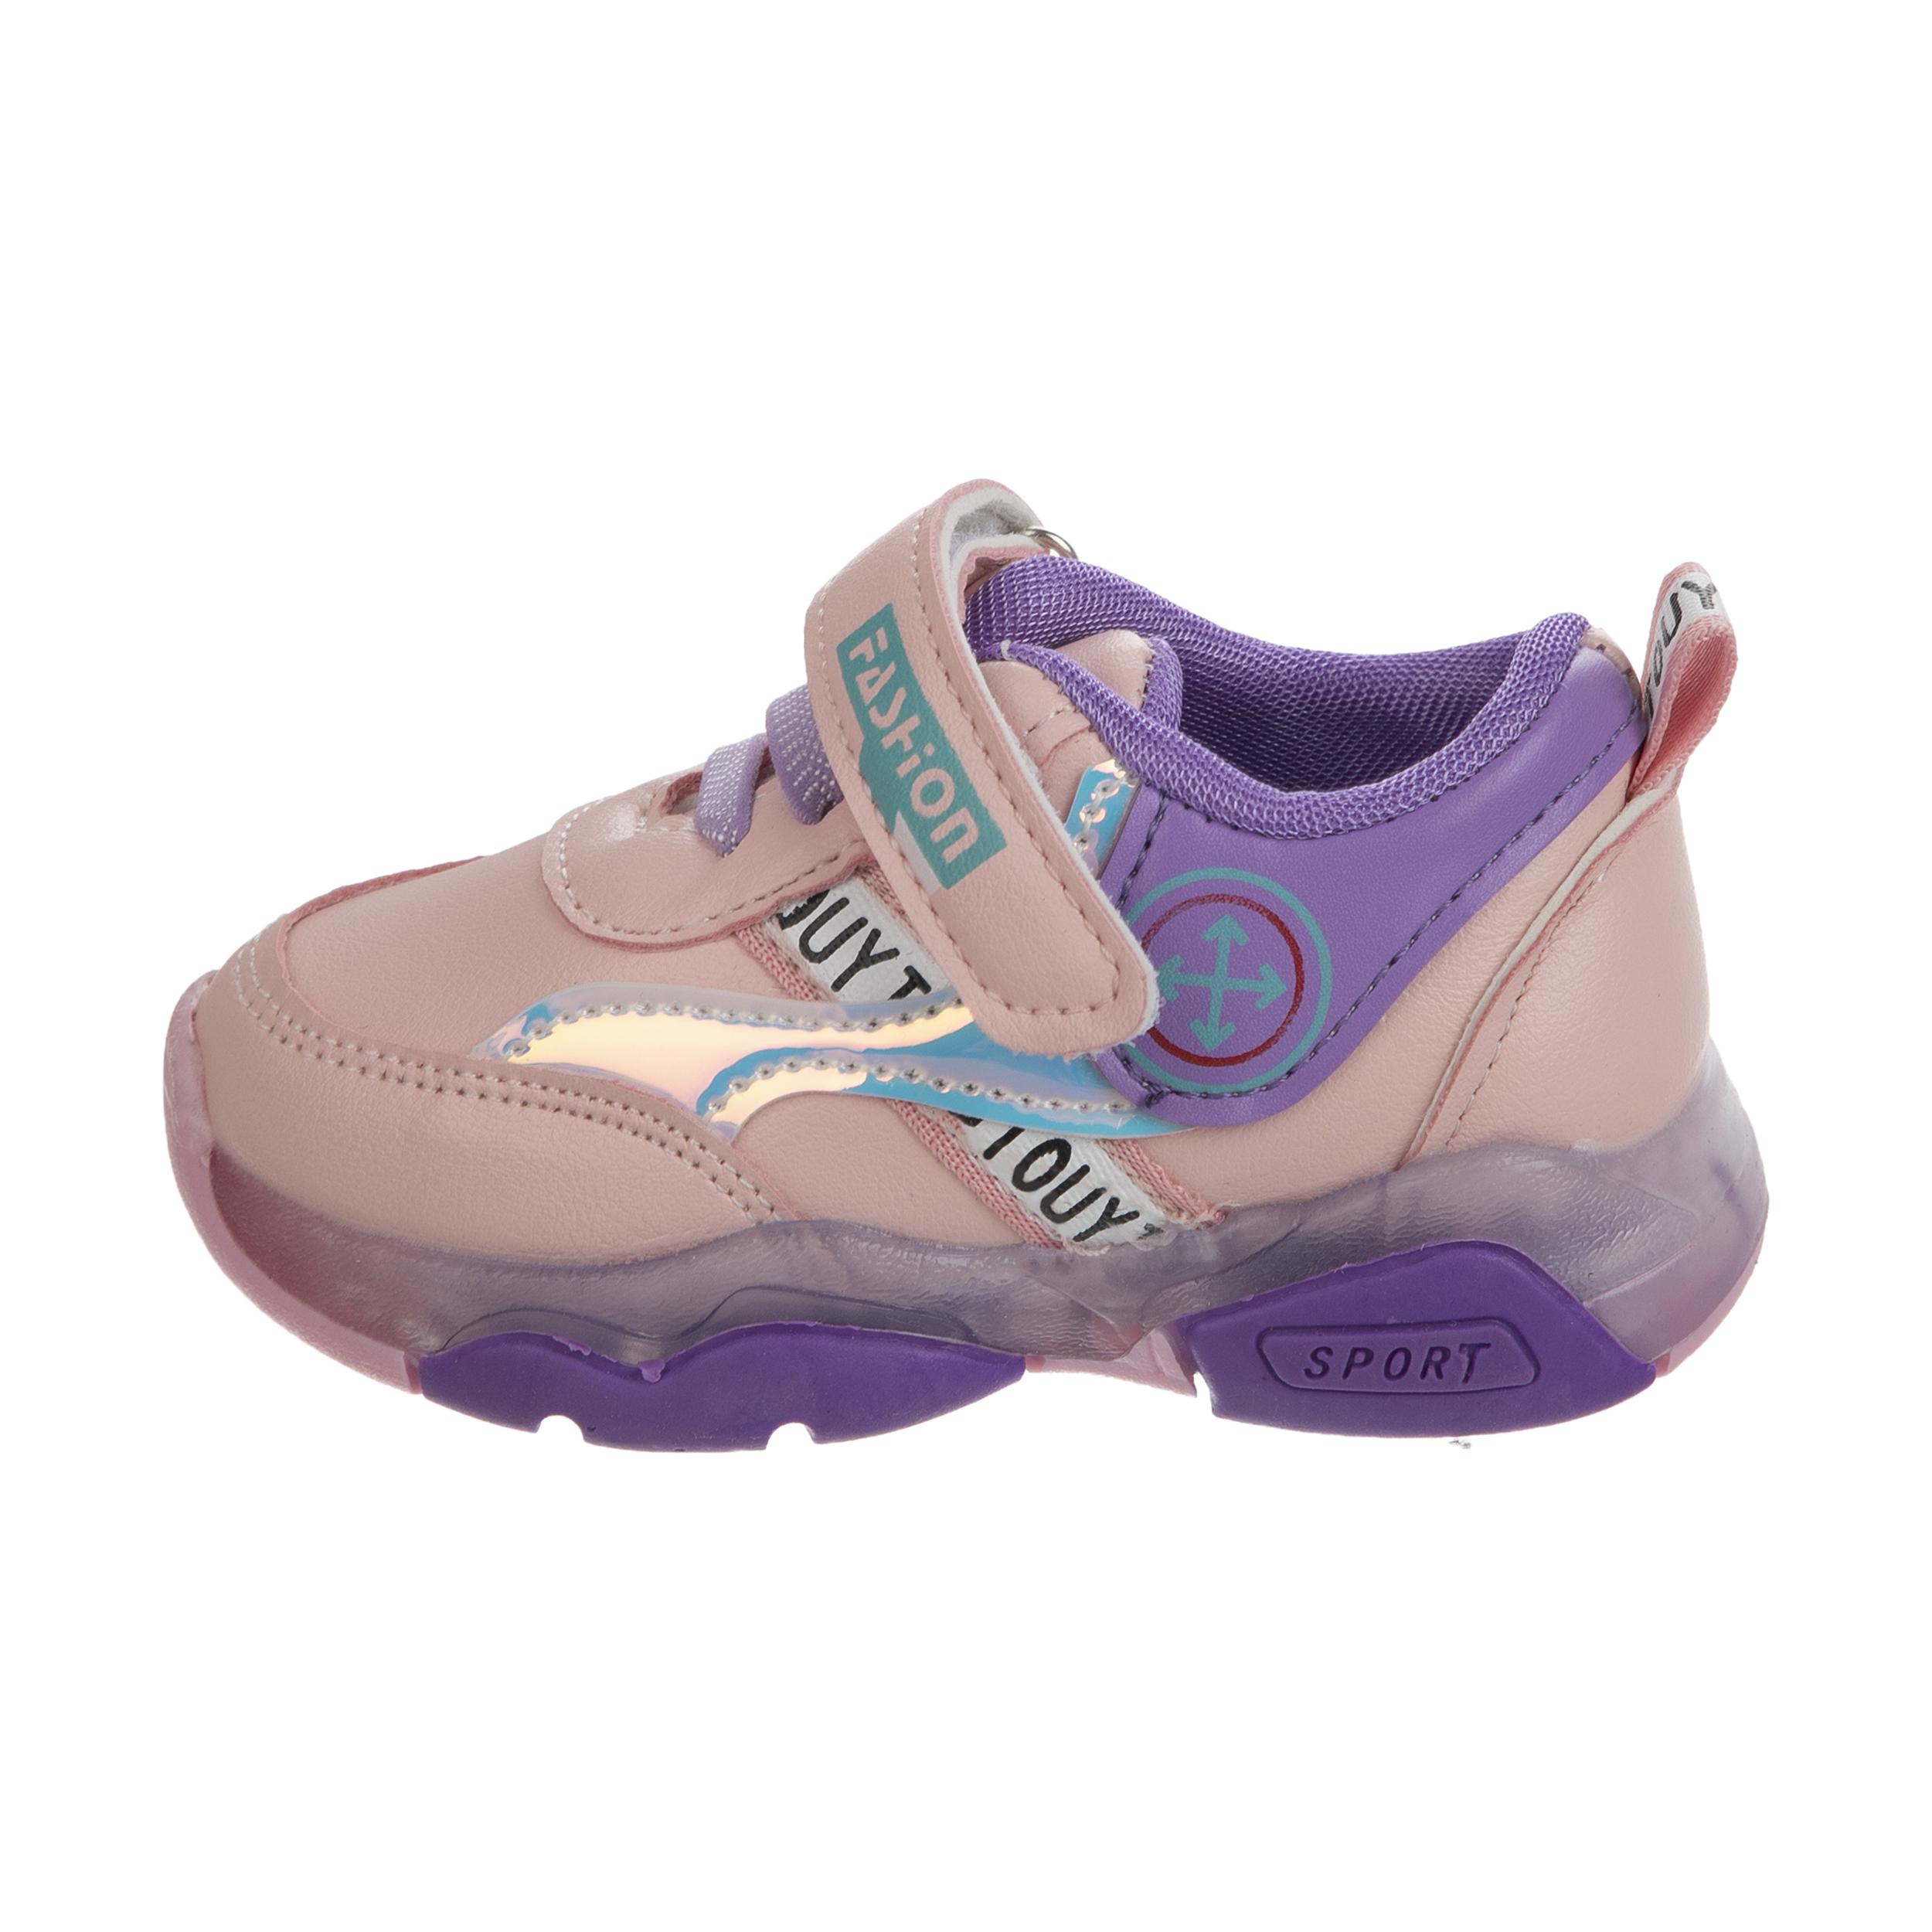 کفش راحتی چراغدار نوزادی کد 00027